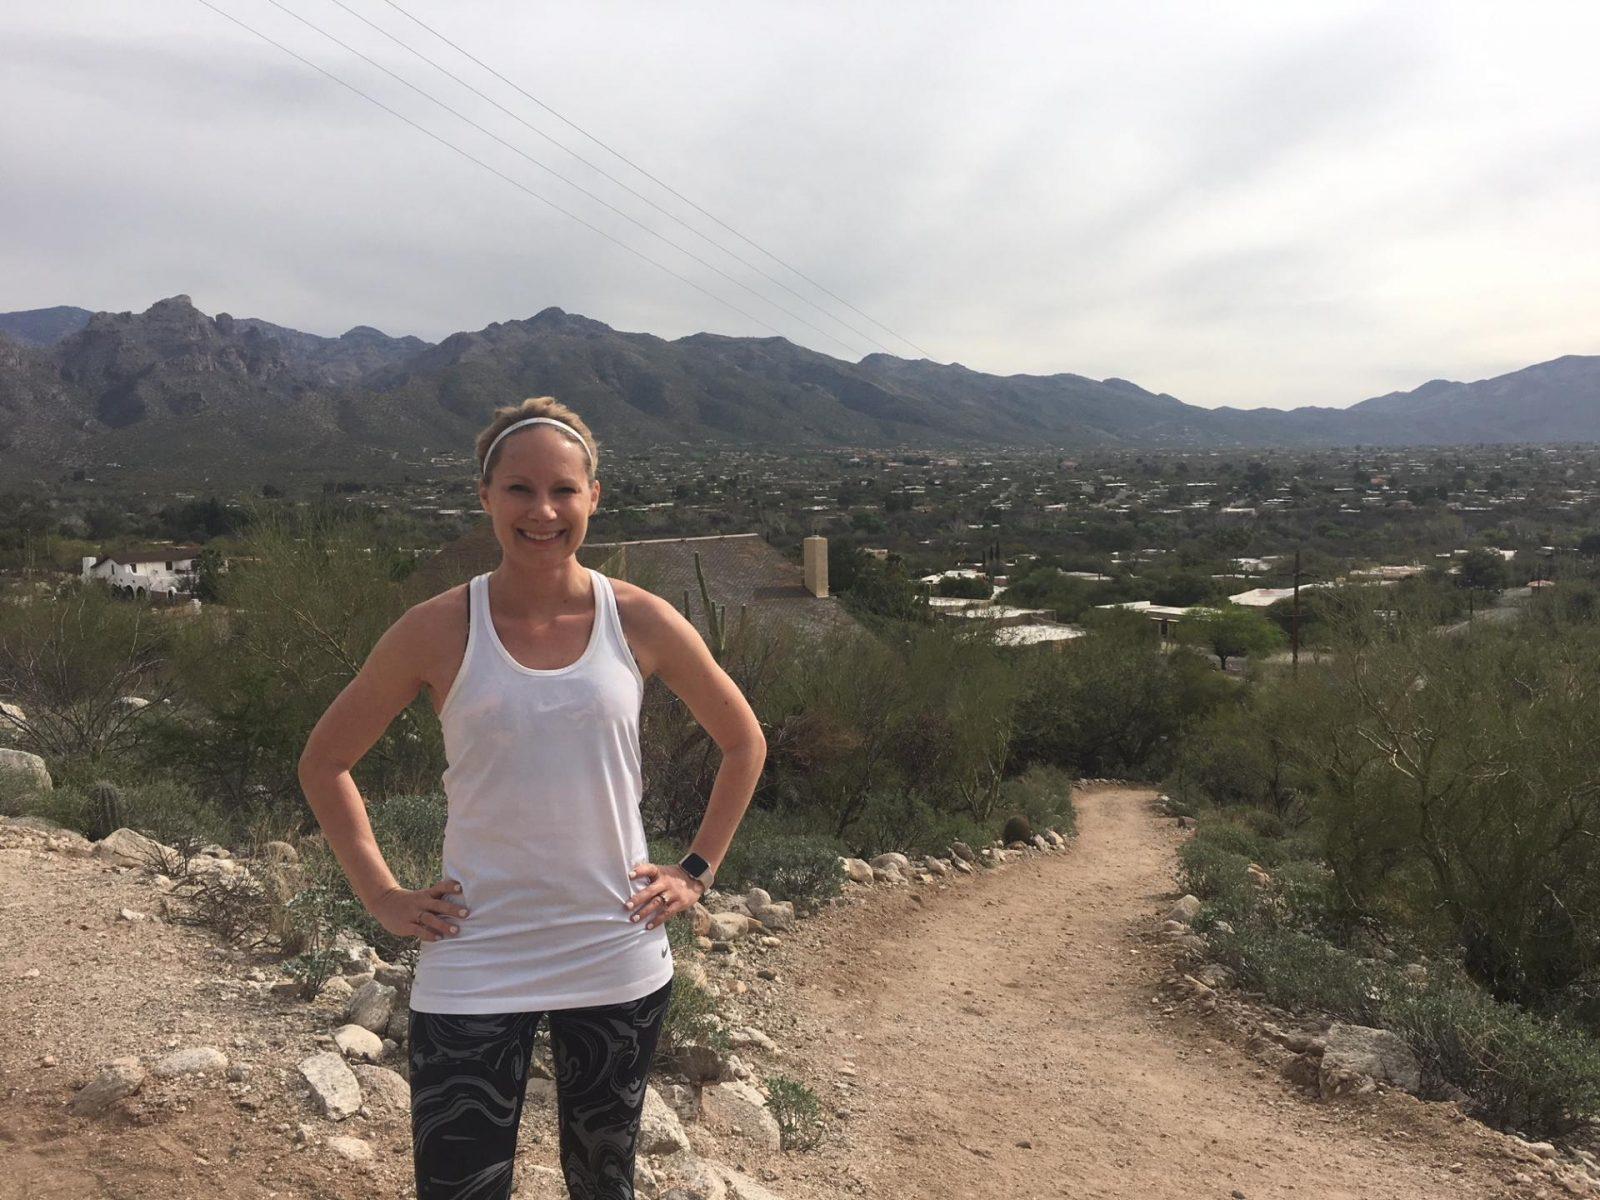 Canyon Ranch running path